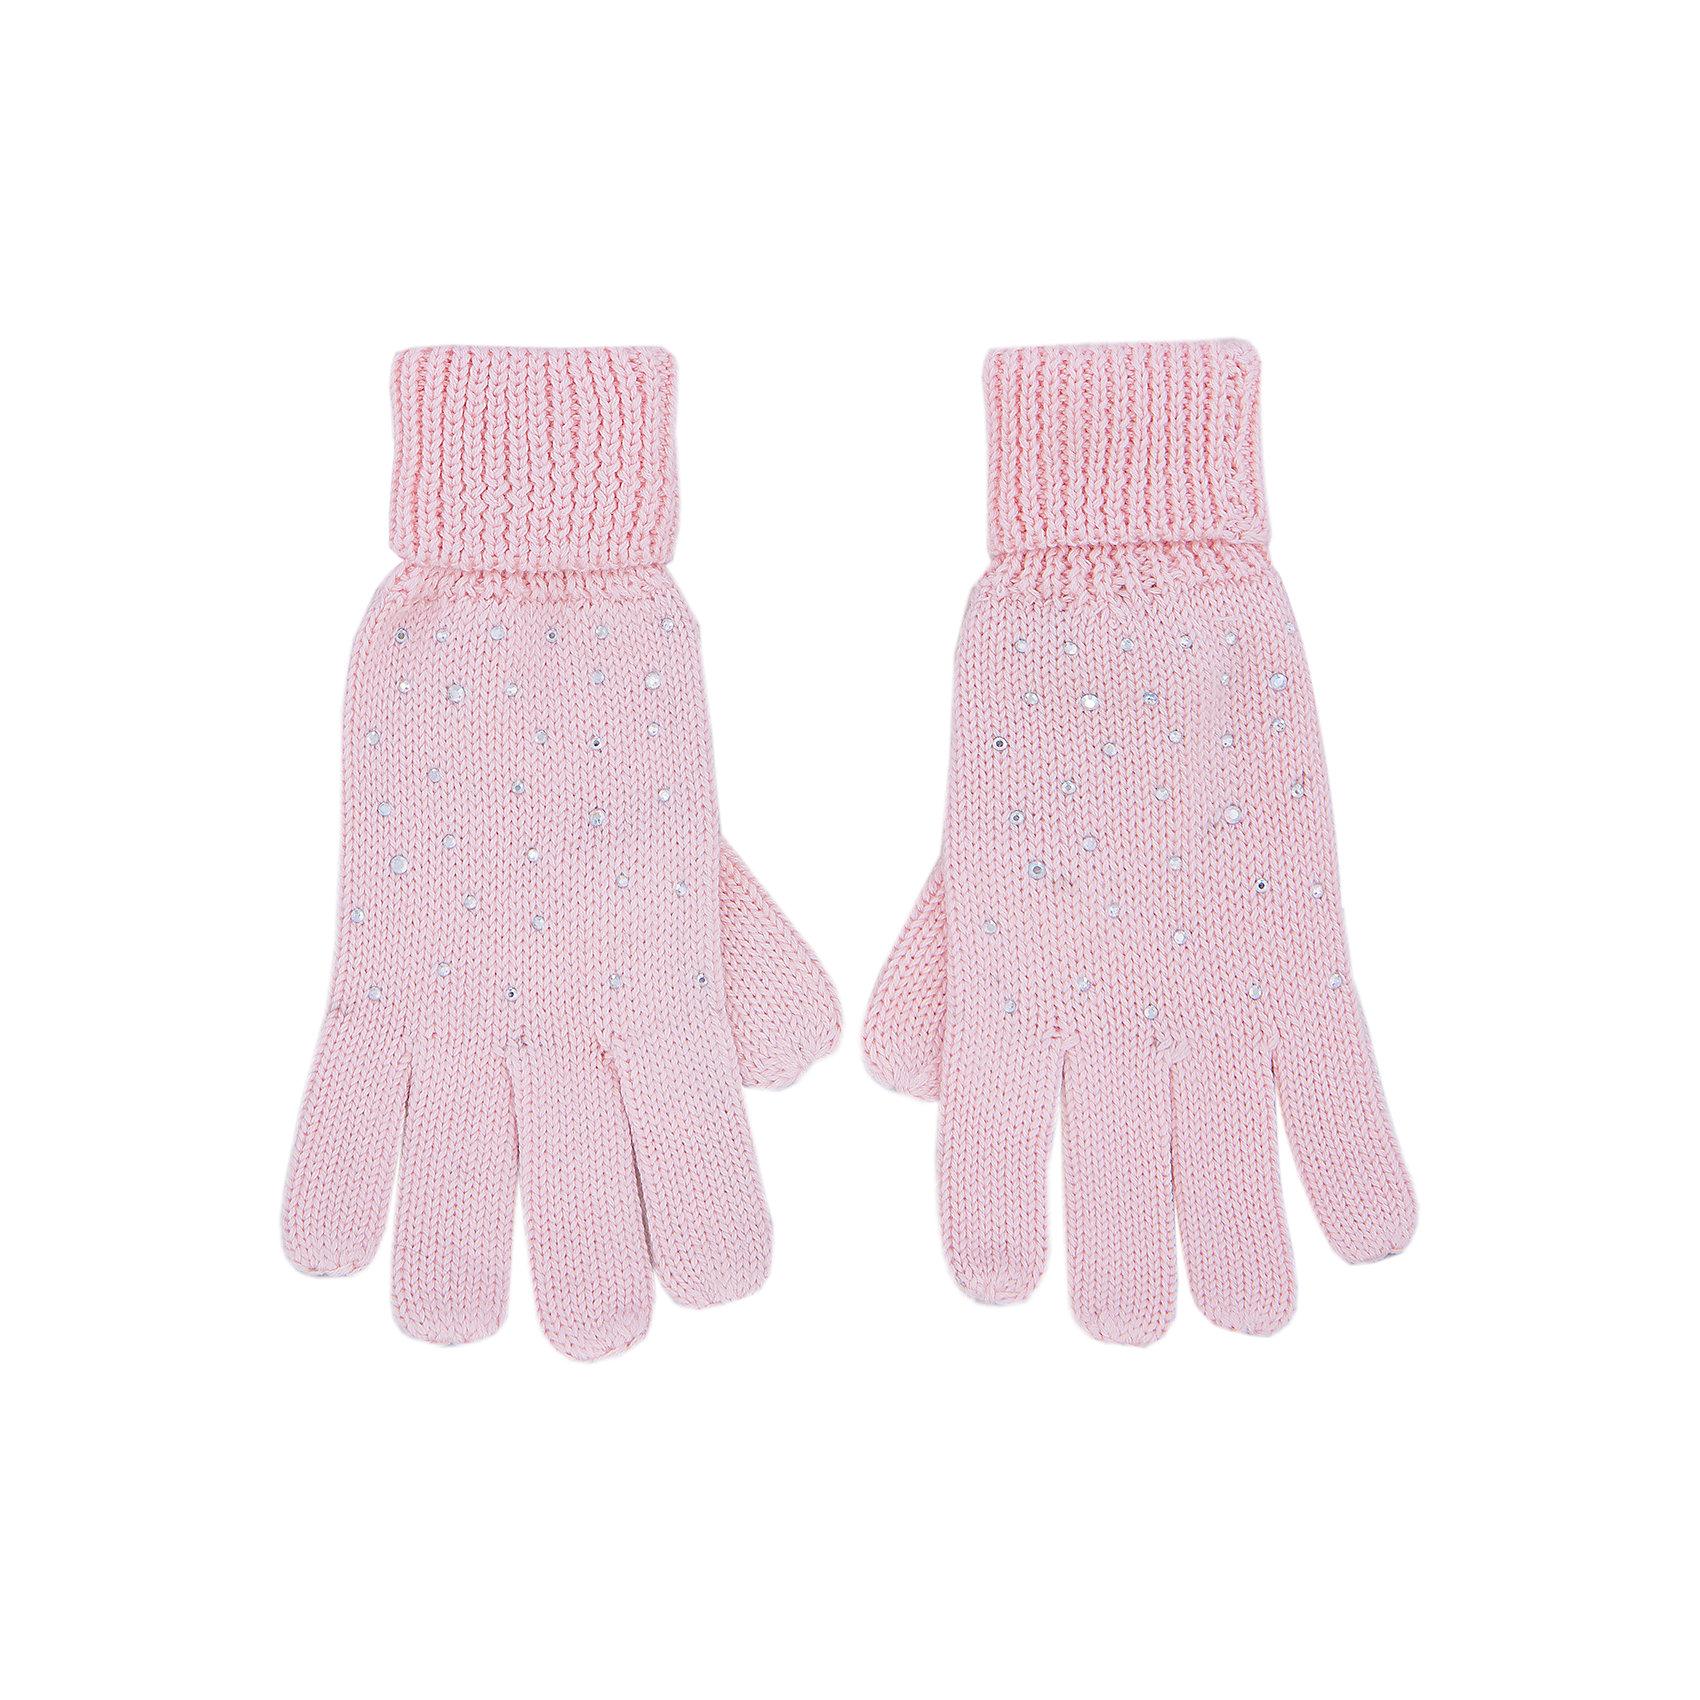 Перчатки для девочки SELAПерчатки, варежки<br>Детская одежда от SELA - это качество и отличные цены. Яркие и стильные перчатки для девочки из новой коллекции будут заметной деталью осеннего образа. Сочные цвета не оставят равнодушным никого.<br>У перчаток есть уплотненная резинка, которая защитит детскую руку от соскальзывания изделия и дополнительно утепляет модель. Блестящие, переливающиеся стразы, прикрепленные с помощью клея, добавляют будничной вещи праздничного стиля. Все материалы, использованные в создании изделия, отвечают современным требованиям по качеству и безопасности продукции. <br><br>Дополнительная информация:<br><br>цвет: розовый;<br>состав: 55% хлопок, 45% акрил.<br><br>Перчатки для девочки от компании SELA можно купить в нашем магазине.<br><br>Ширина мм: 162<br>Глубина мм: 171<br>Высота мм: 55<br>Вес г: 119<br>Цвет: розовый<br>Возраст от месяцев: 96<br>Возраст до месяцев: 120<br>Пол: Женский<br>Возраст: Детский<br>Размер: 16,14<br>SKU: 4913022